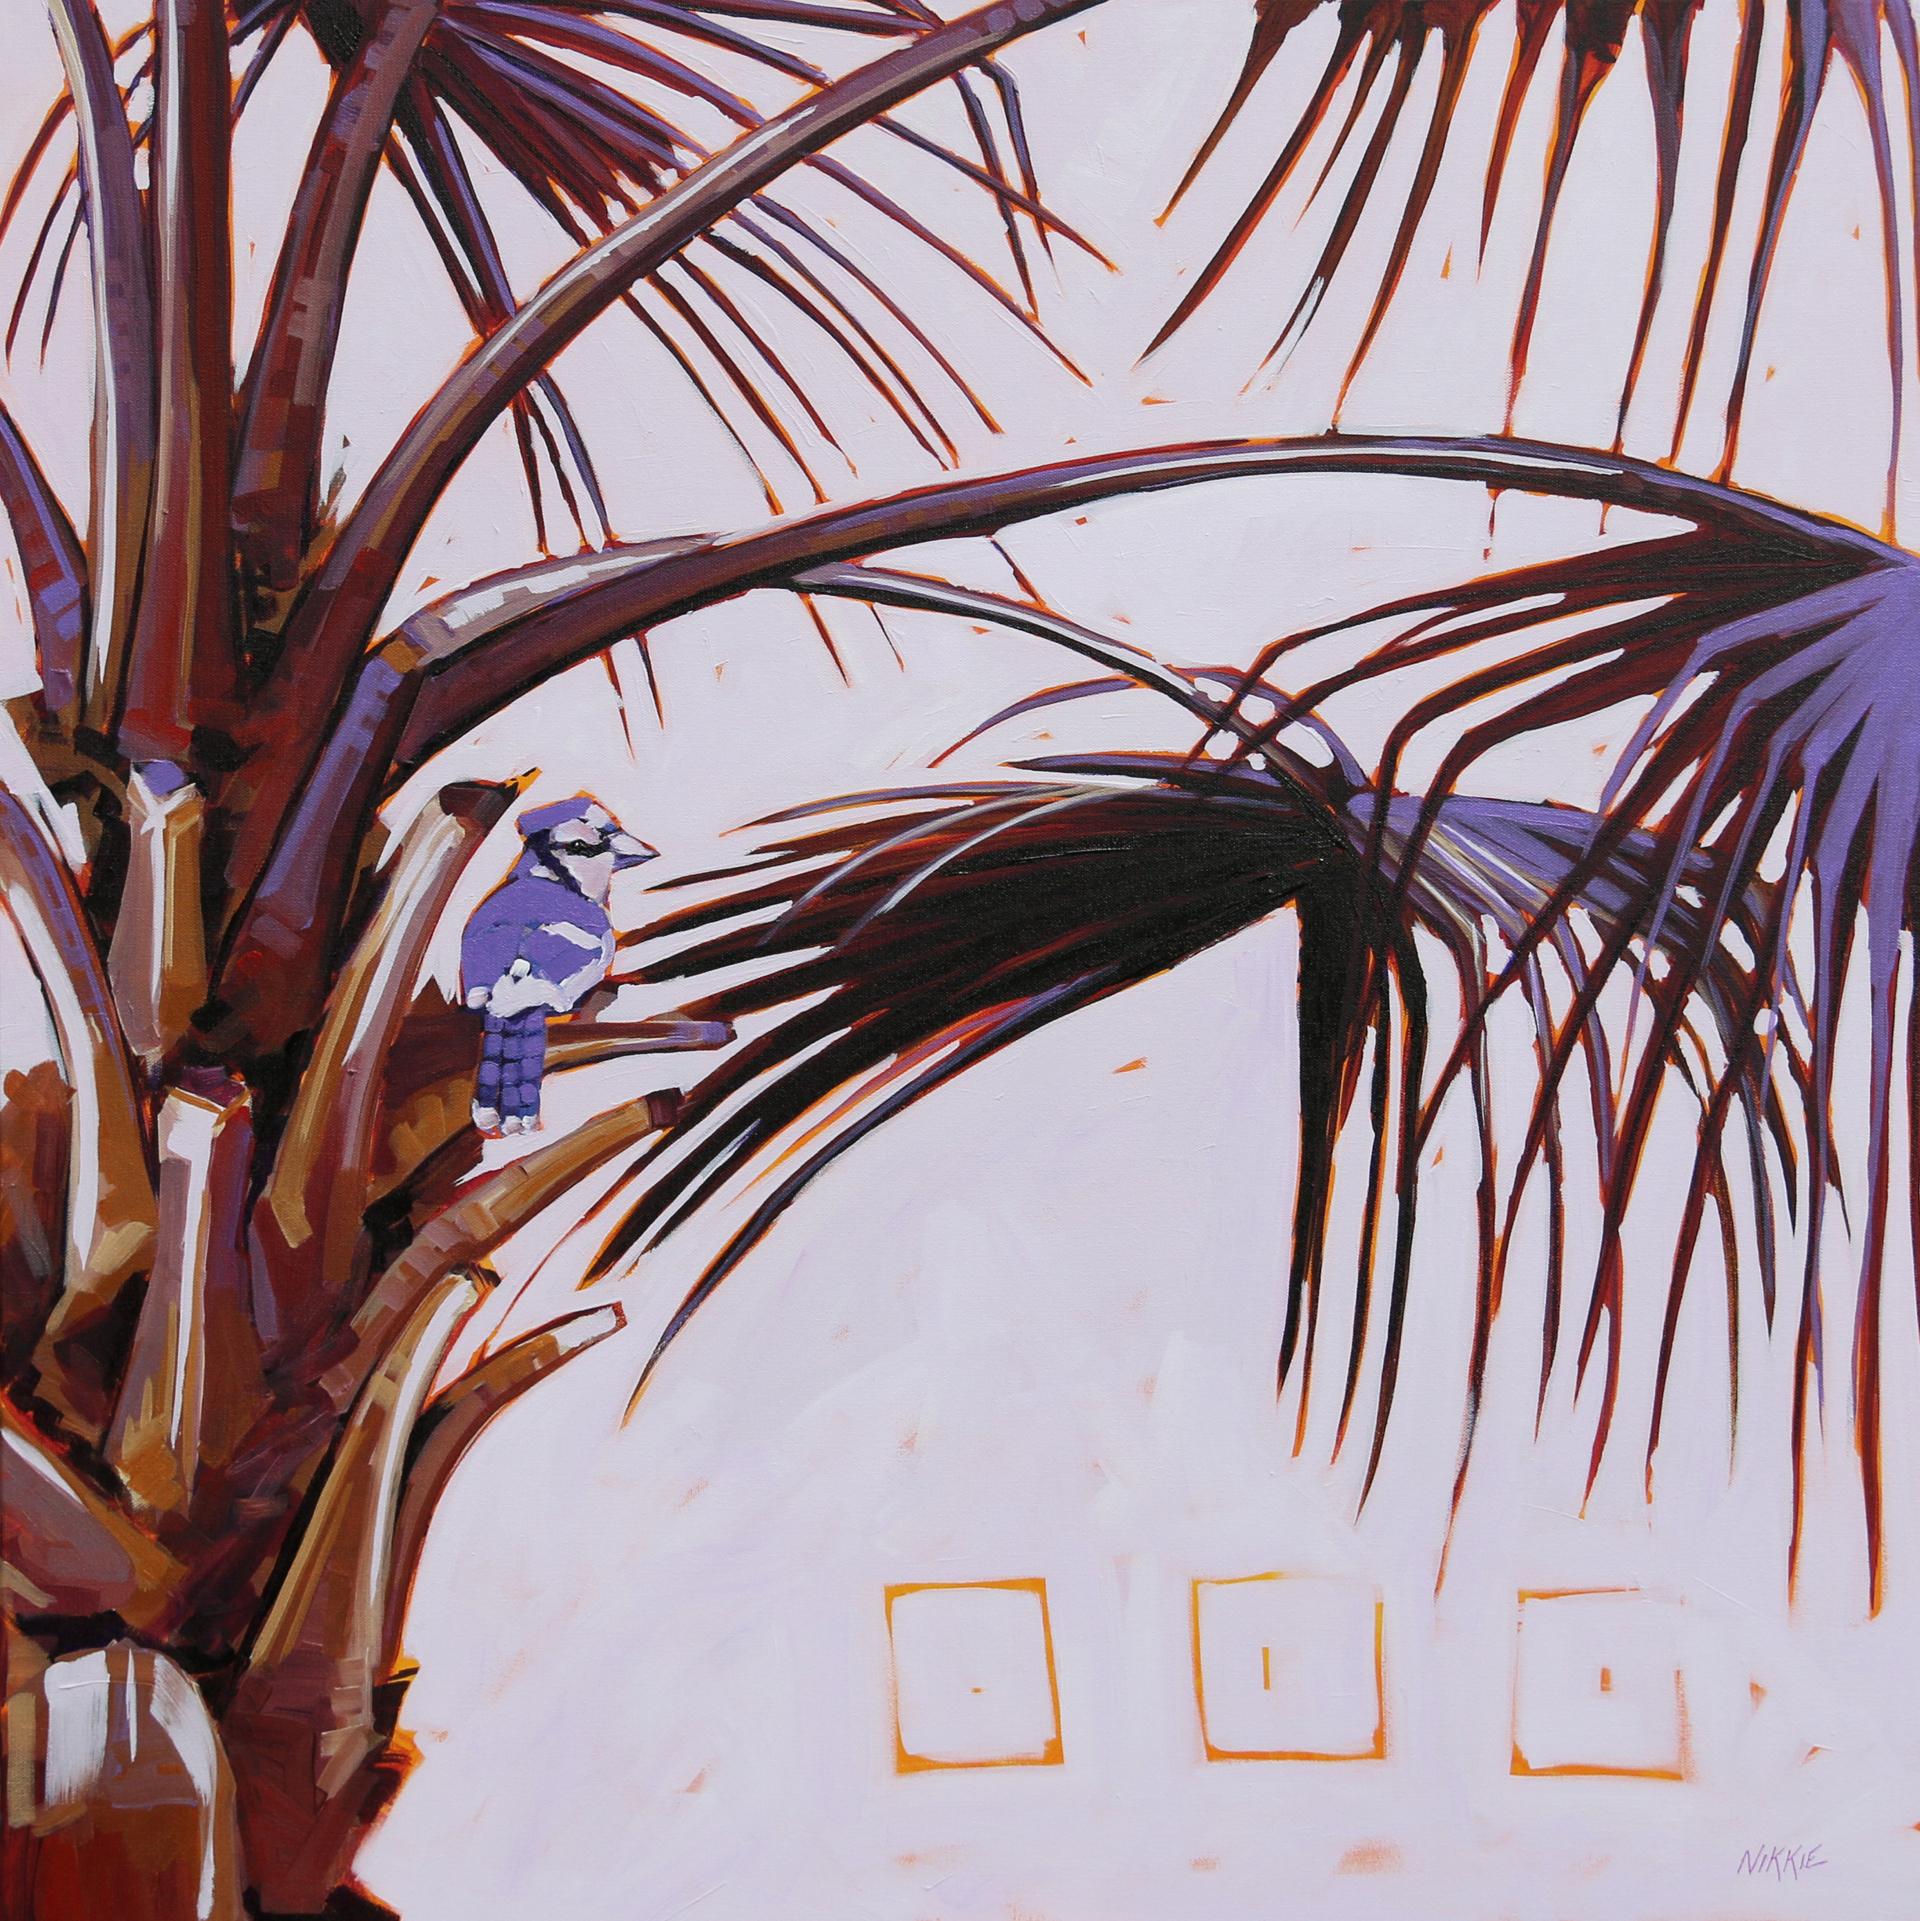 Gathering Twigs by Nikkie Markle